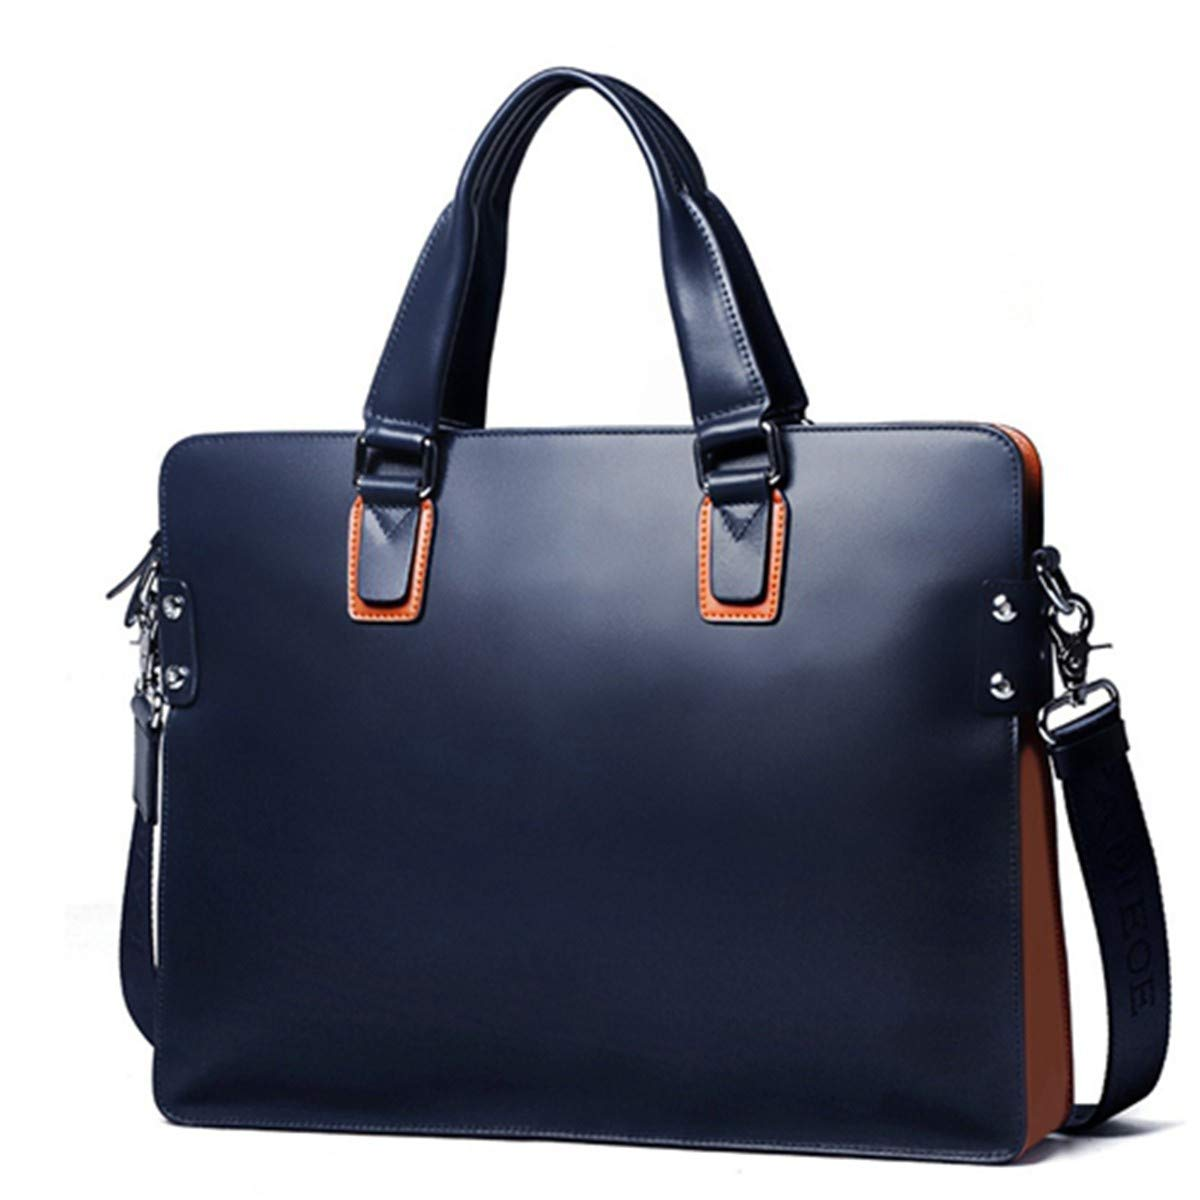 Lianai11 Laptoptasche Geschäft Bag Herren Messenger Bag Aktentasche Männer Laptop Tasche